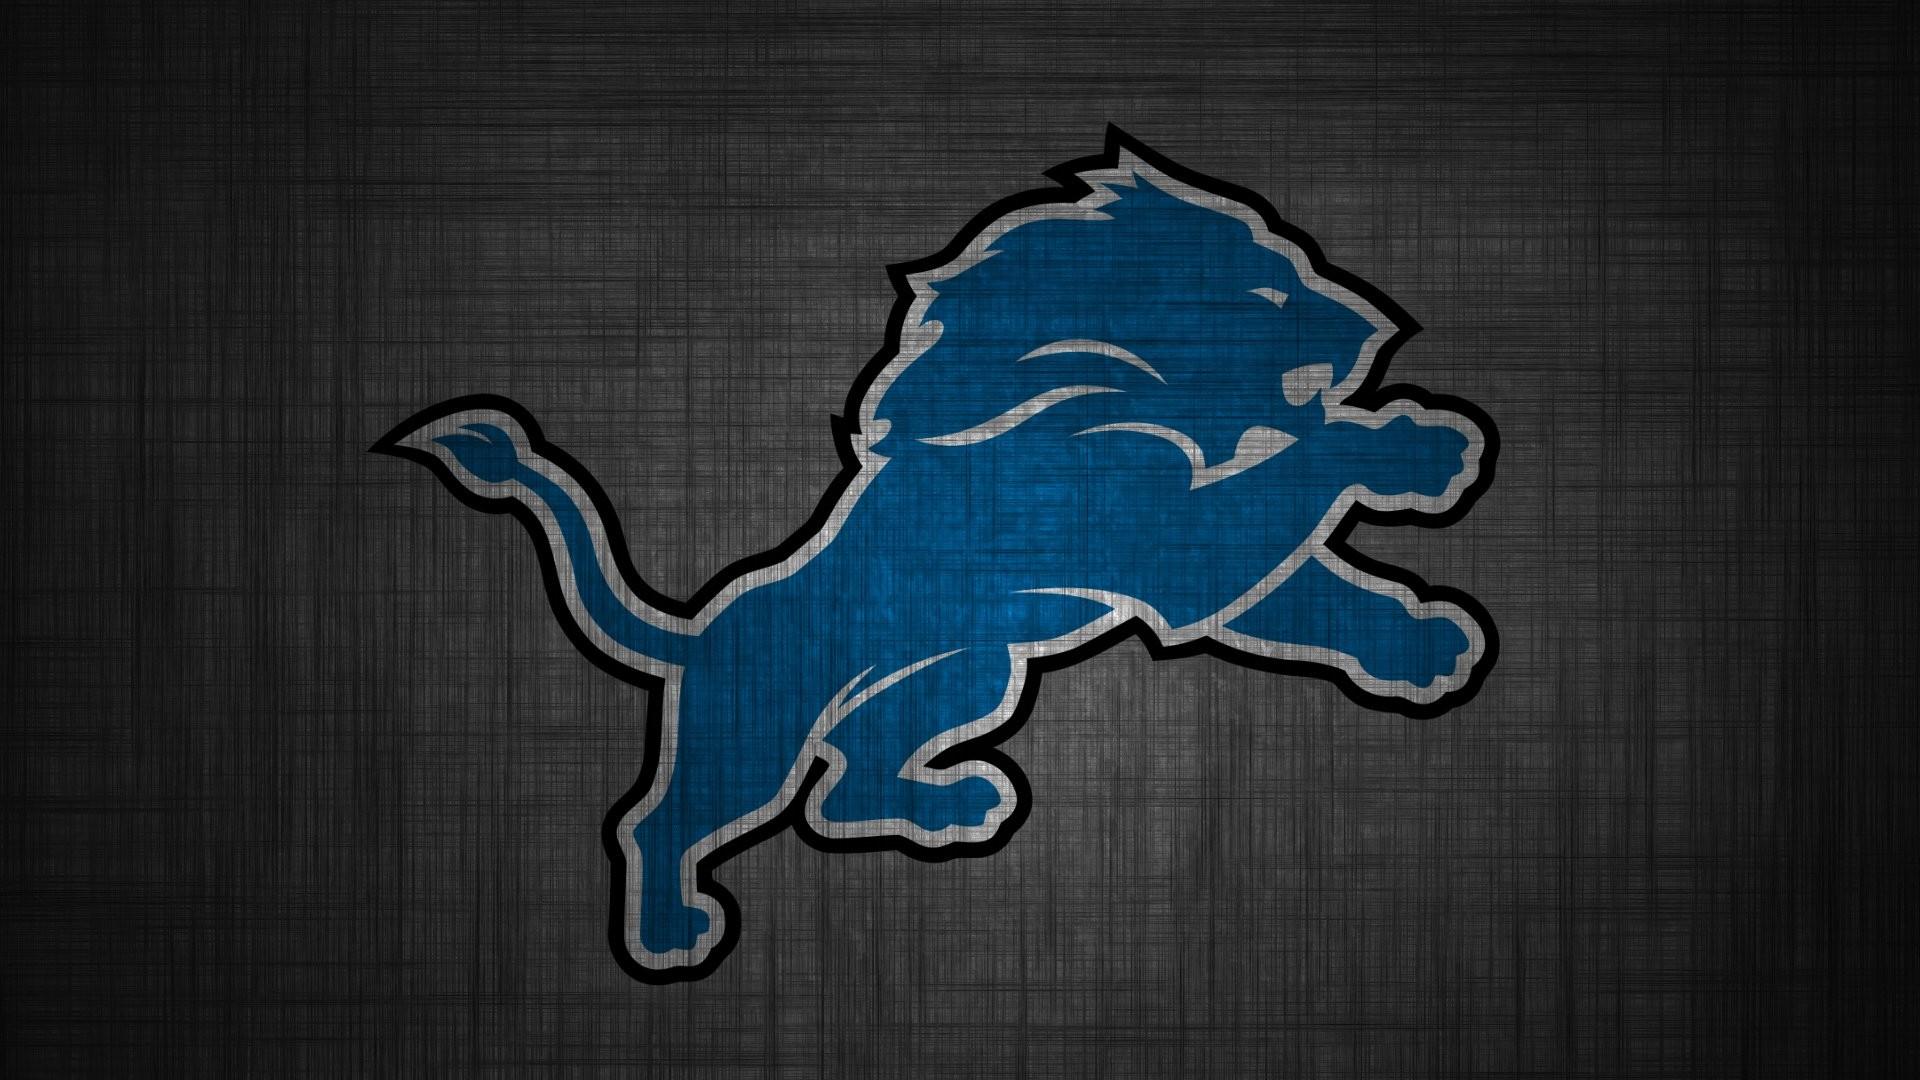 Free detroit lions wallpaper hd.